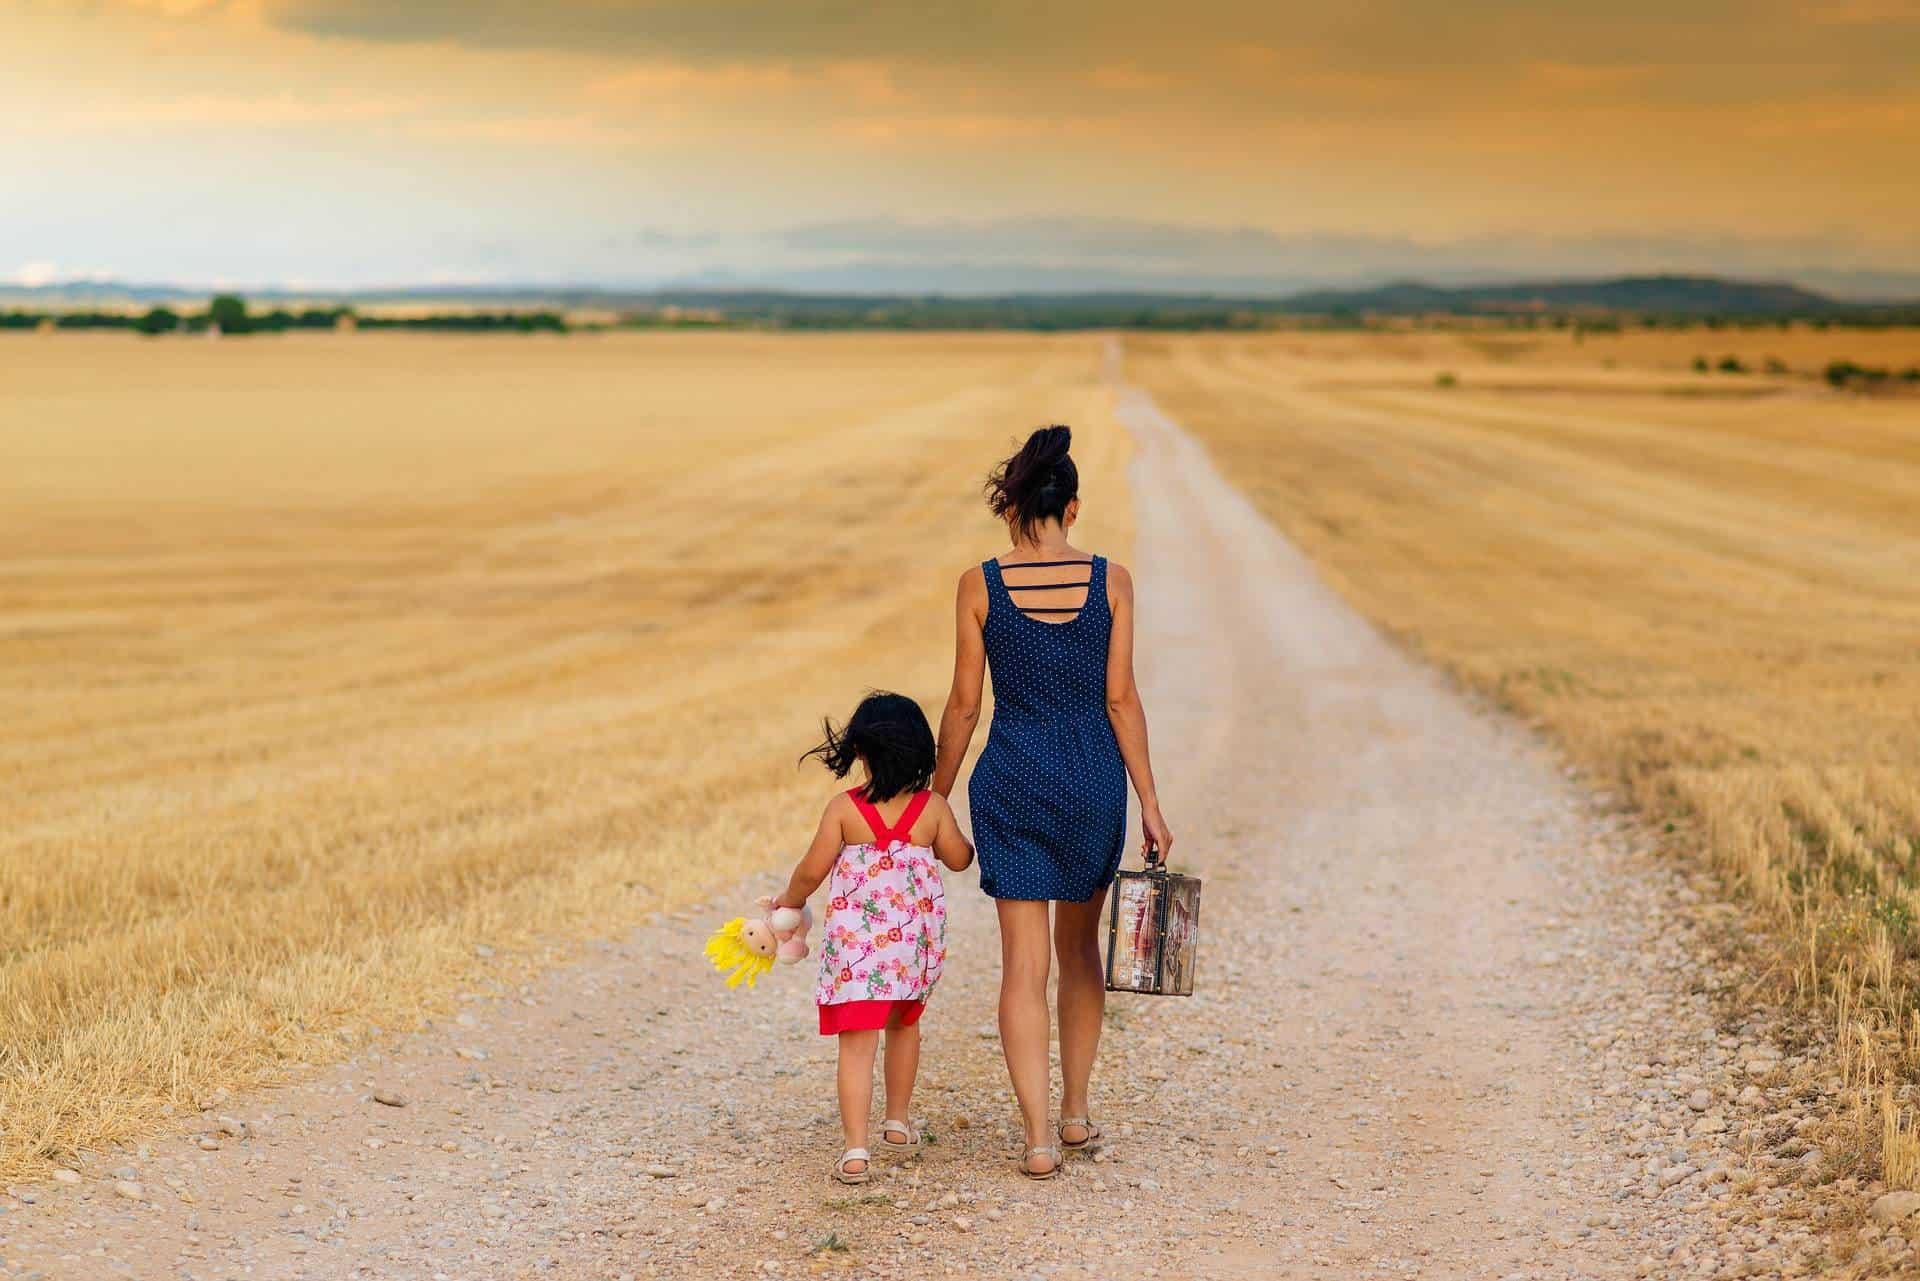 Mamme viaggiatrici, ma siete proprio sicure che ai vostri figli piaccia viaggiare?